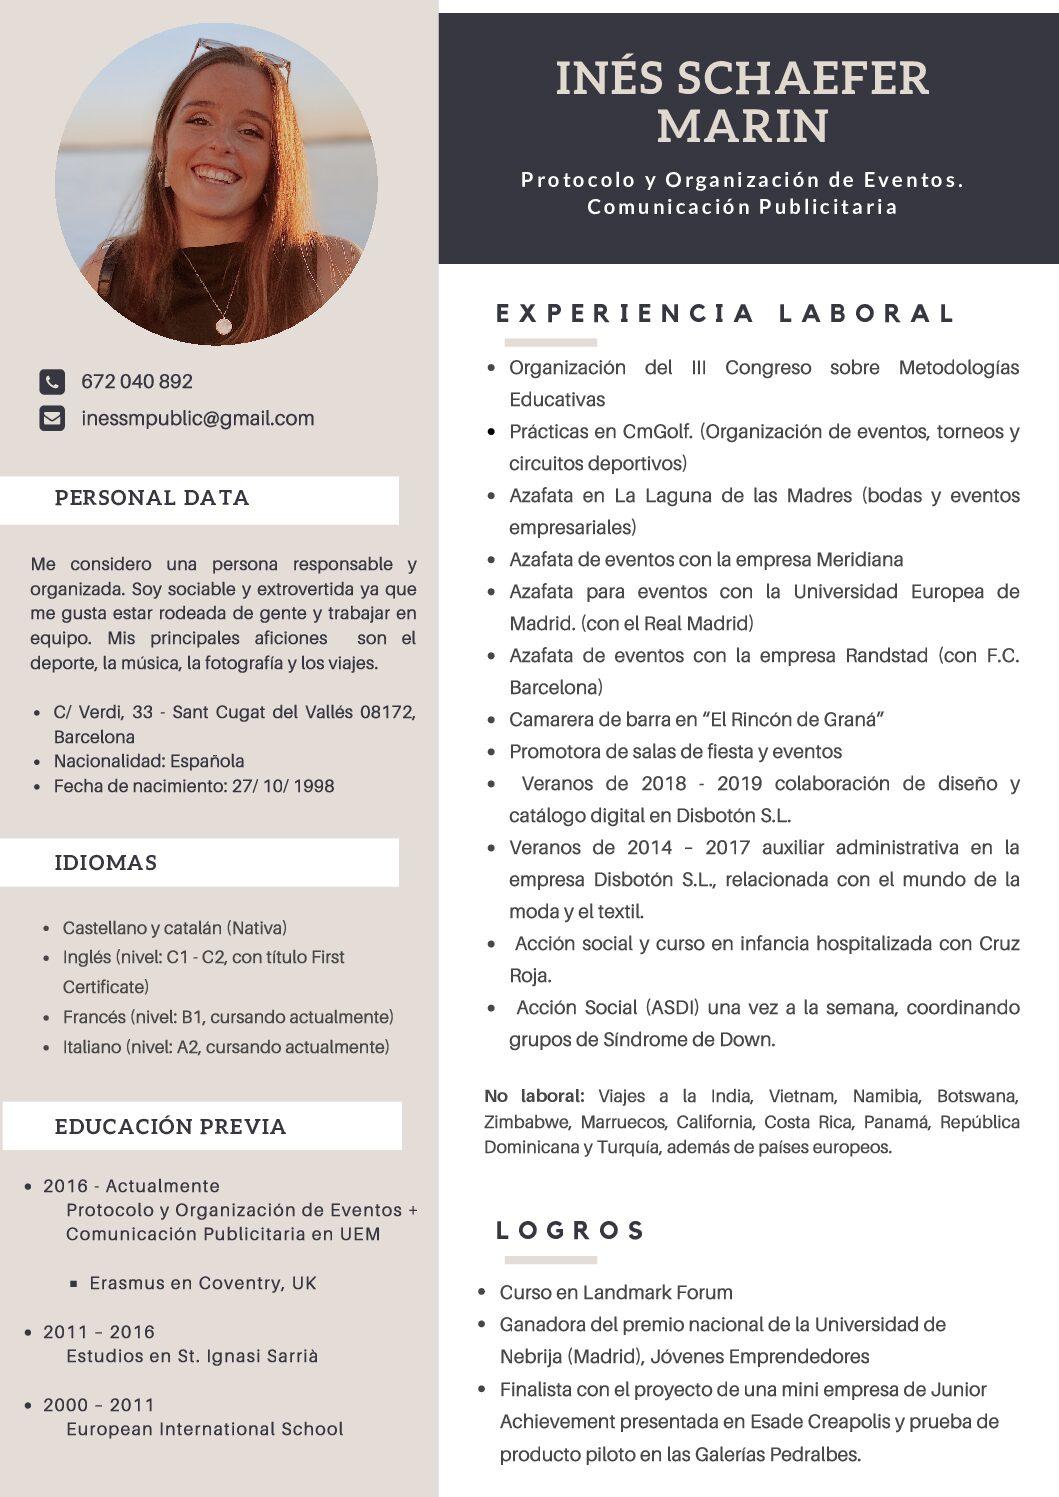 CV Inés Schaefer